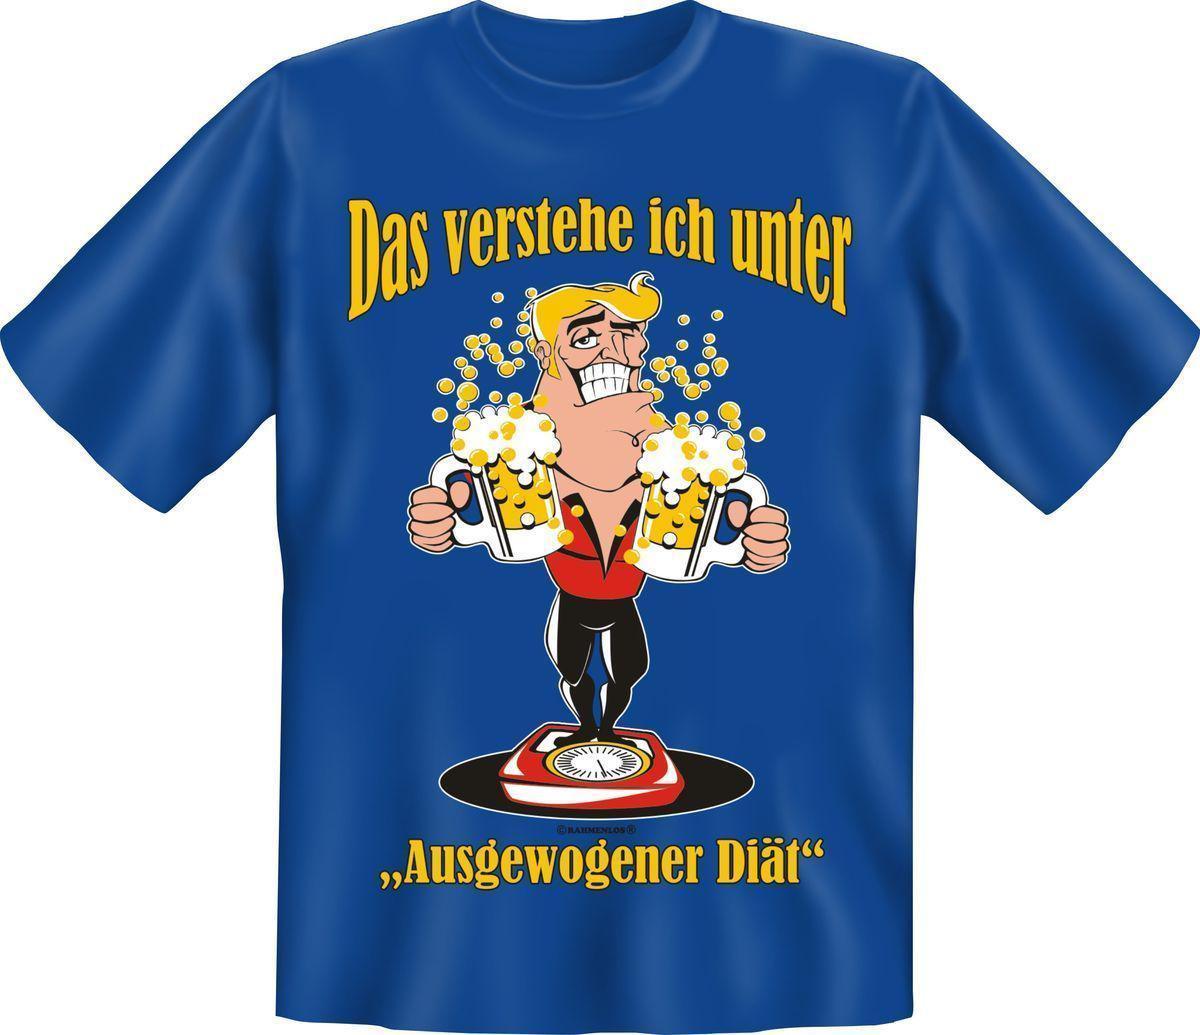 T Shirt Ausgewogene Diat Bier Fun Shirts Geburtstag Geschenk